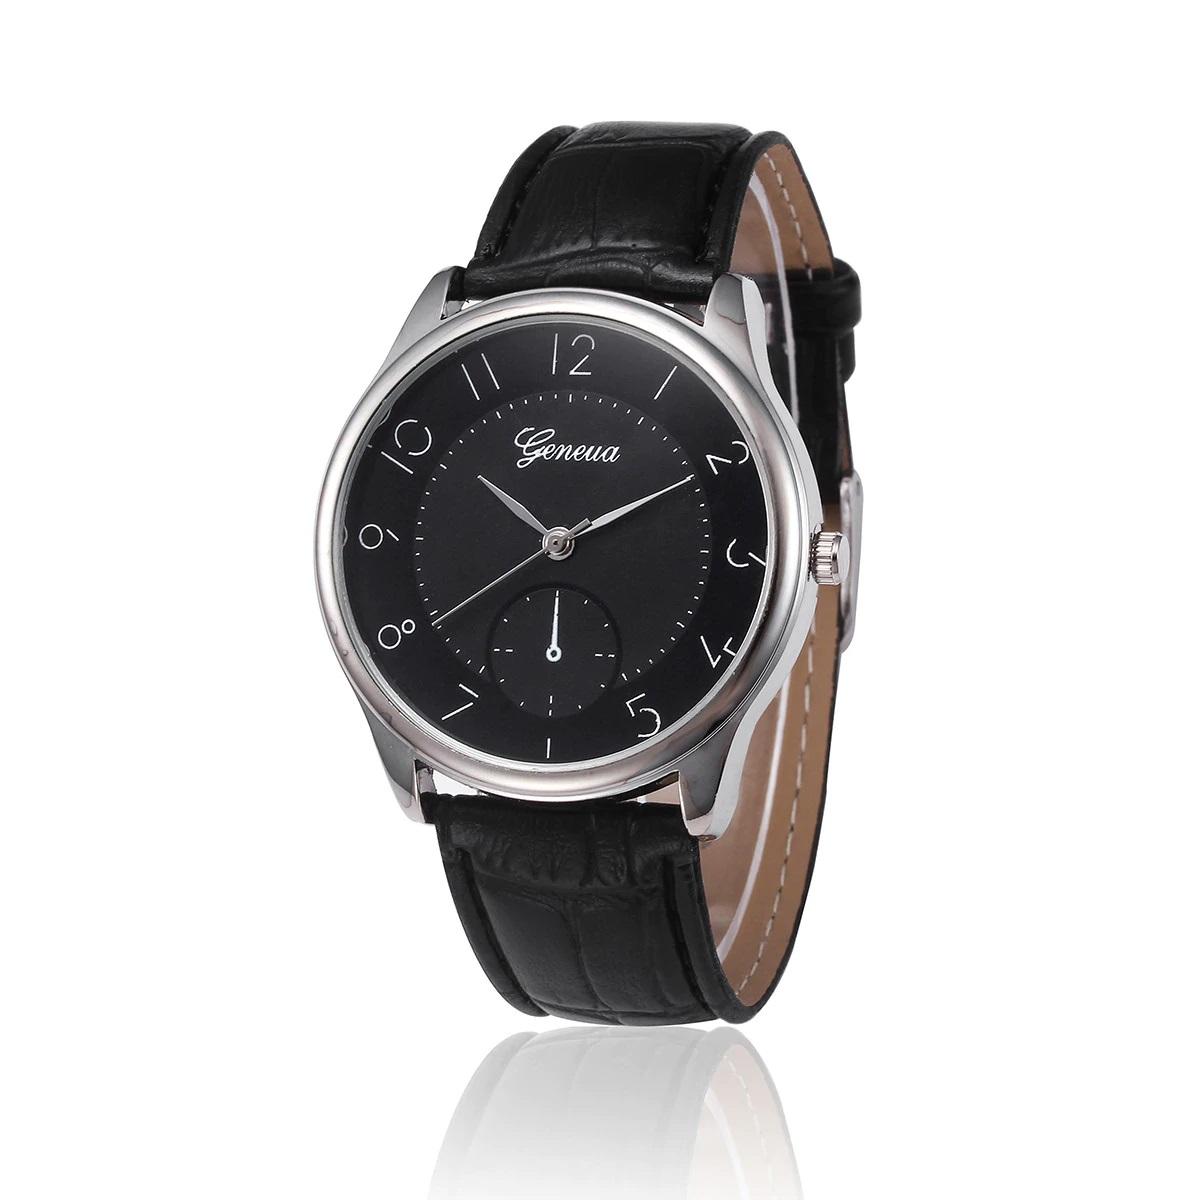 Лаконичные мужские часы «Geneva» с чёрным ремешком и циферблатом купить. Цена 255 грн